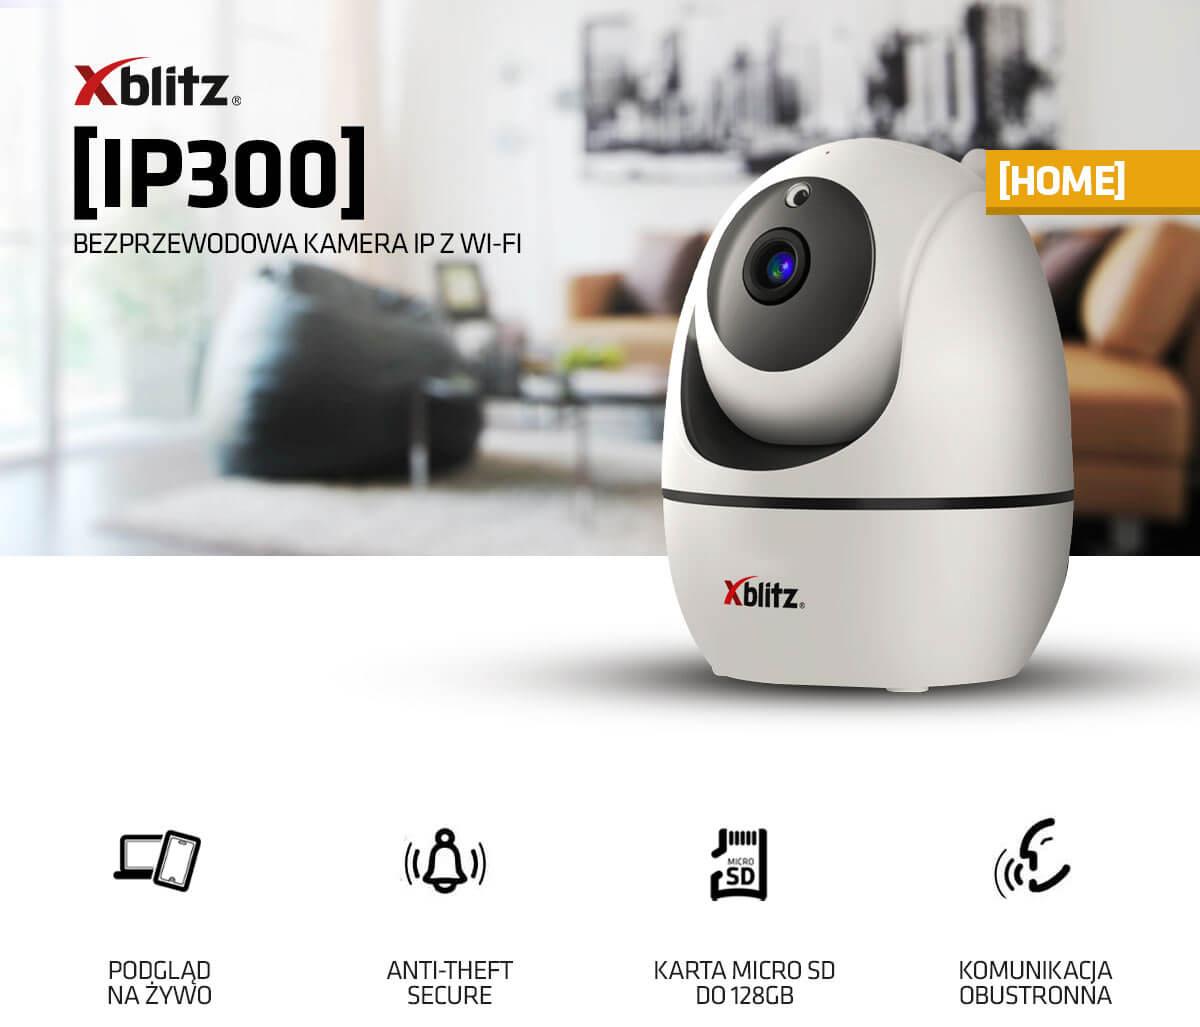 Bezprzewodowa kamera IP z WI-FI Xblitz IP300